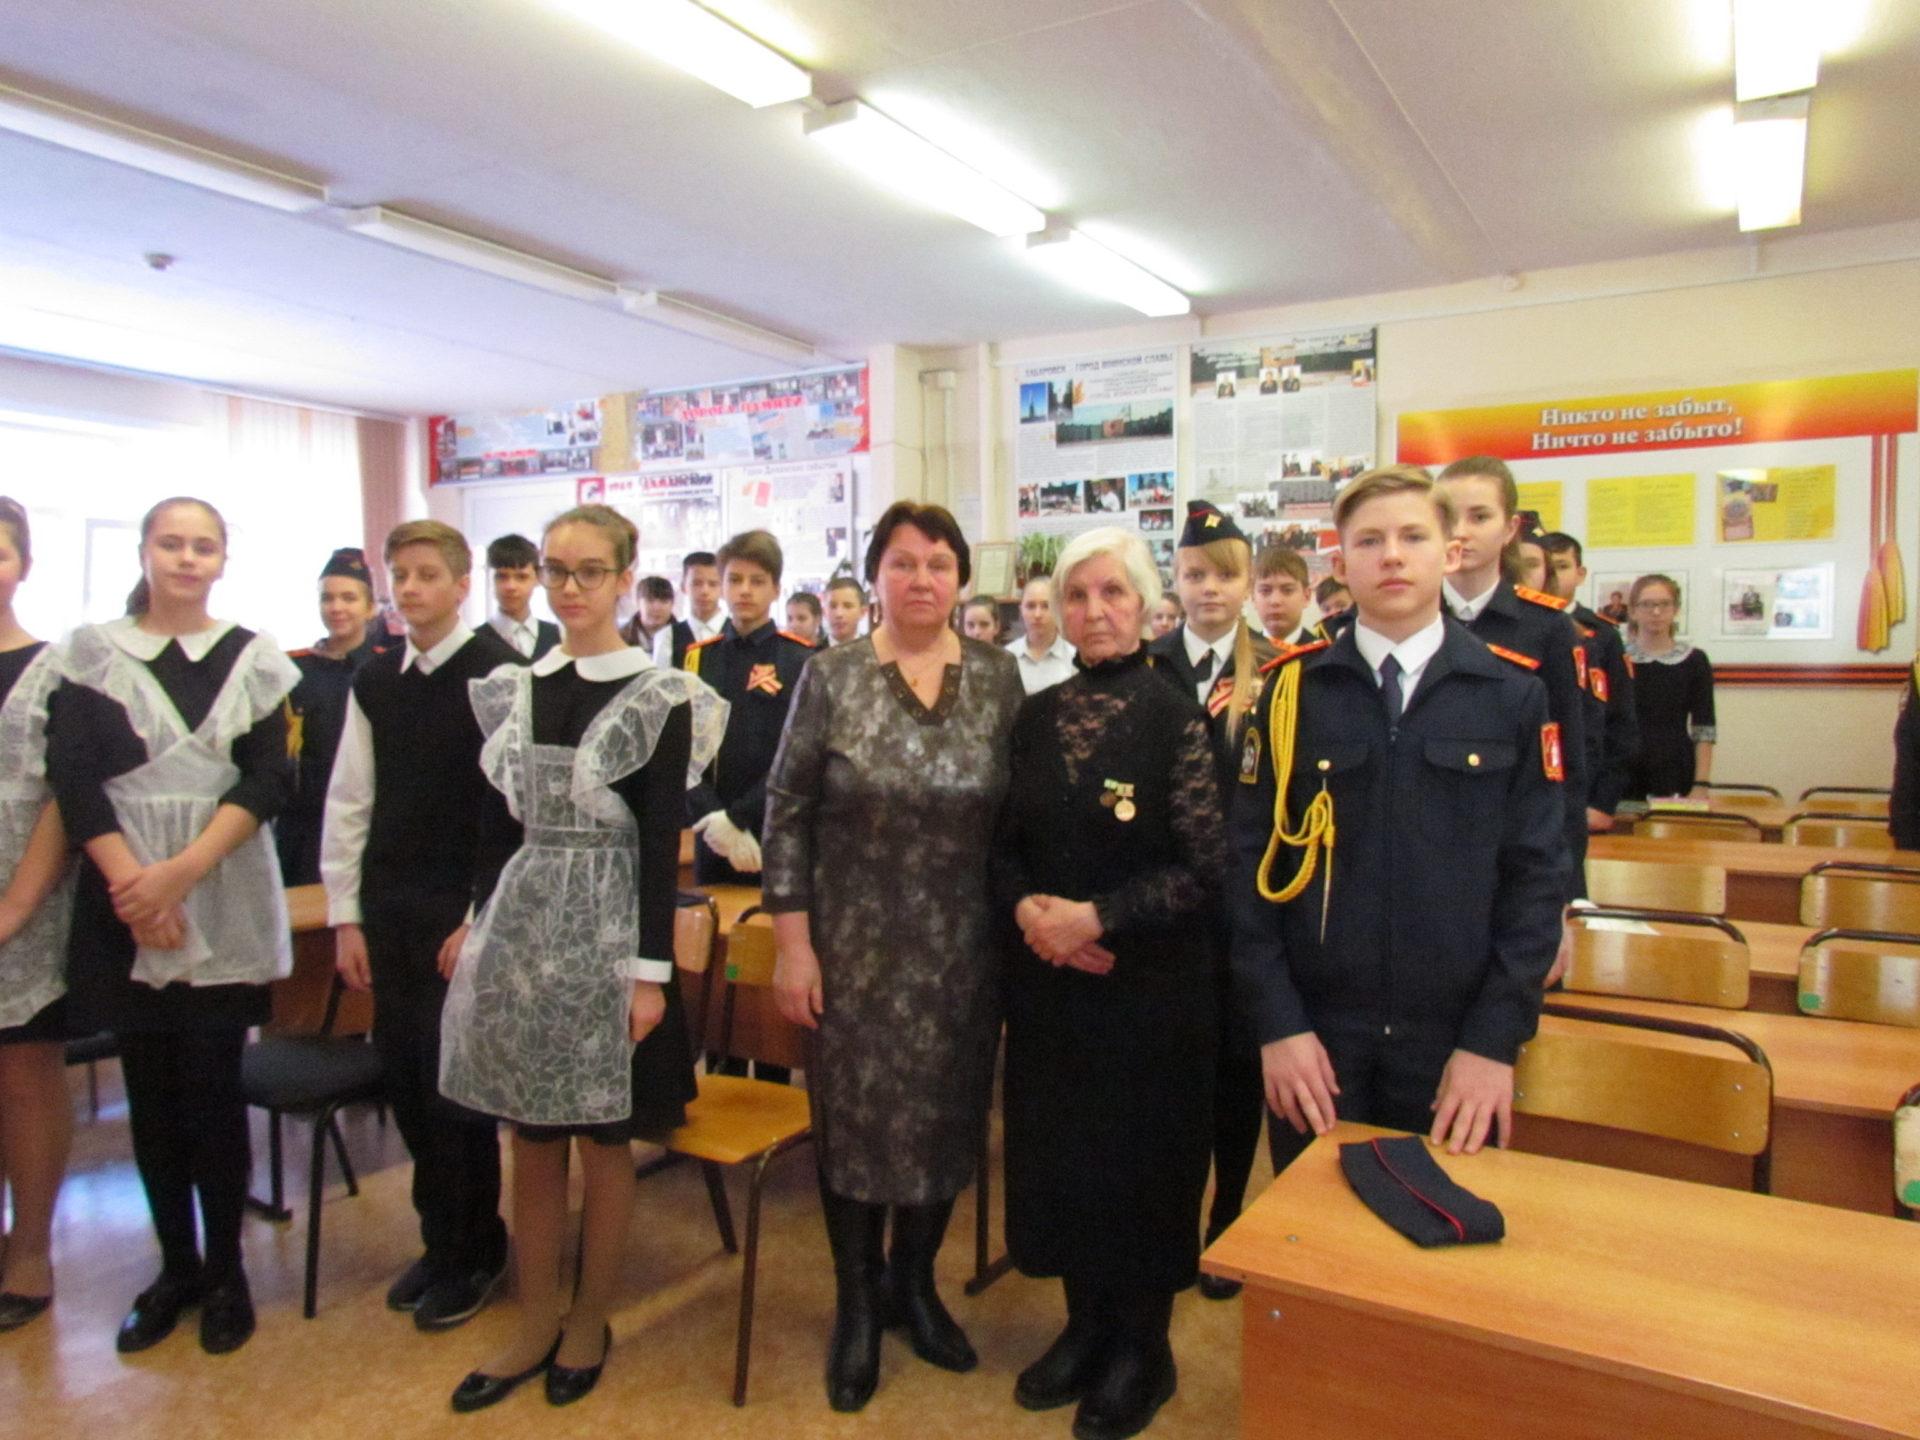 Неделя памяти в Хабаровских школах